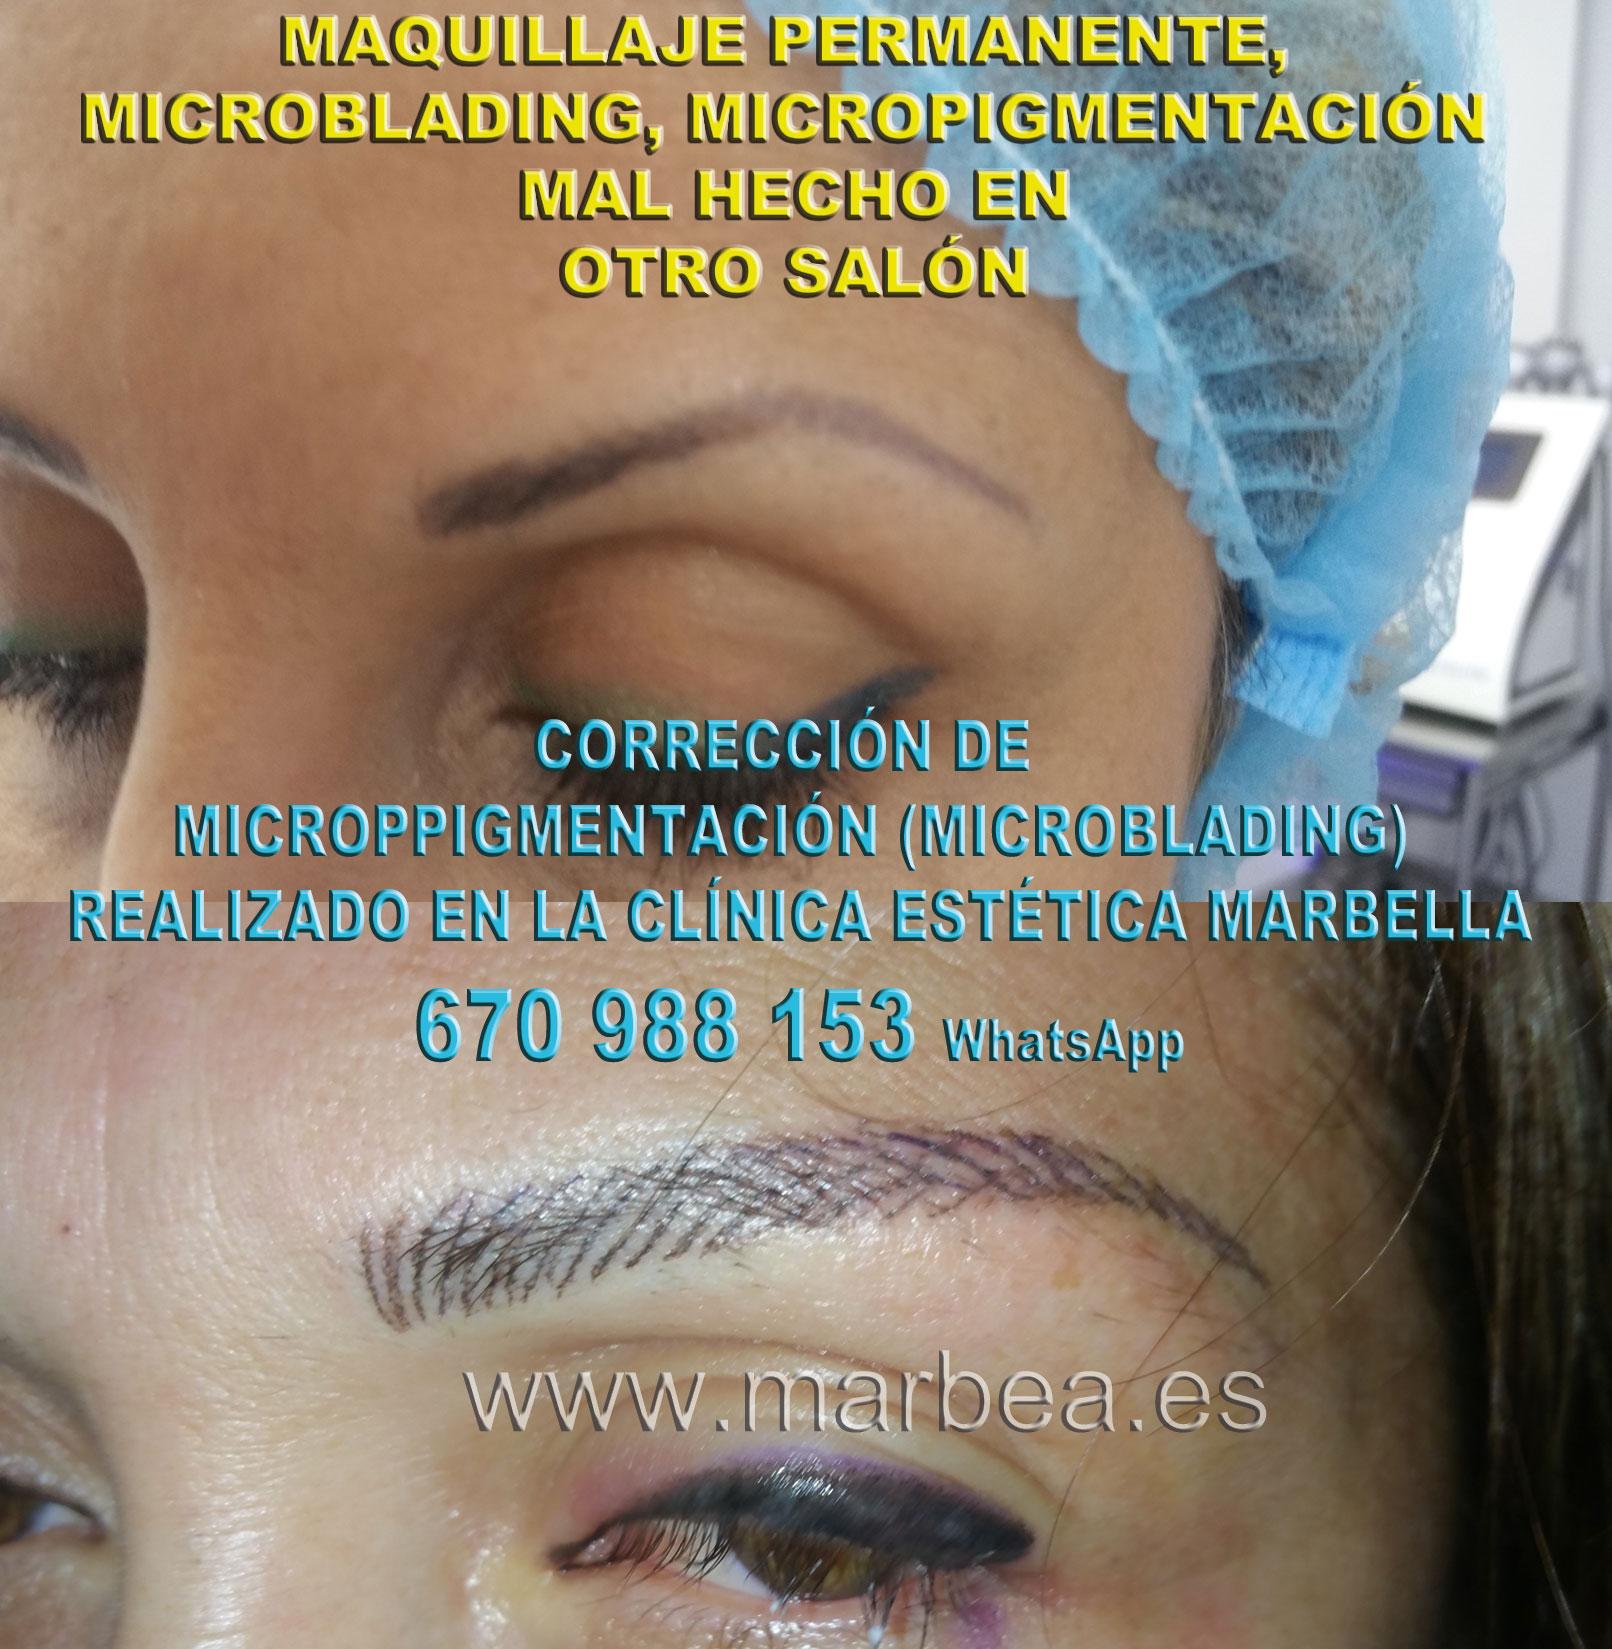 ELIMINAR TATUAJE CEJAS clínica estética delineados propone como aclarar la micropigmentación cejas,corregir micropigmentación no deseada